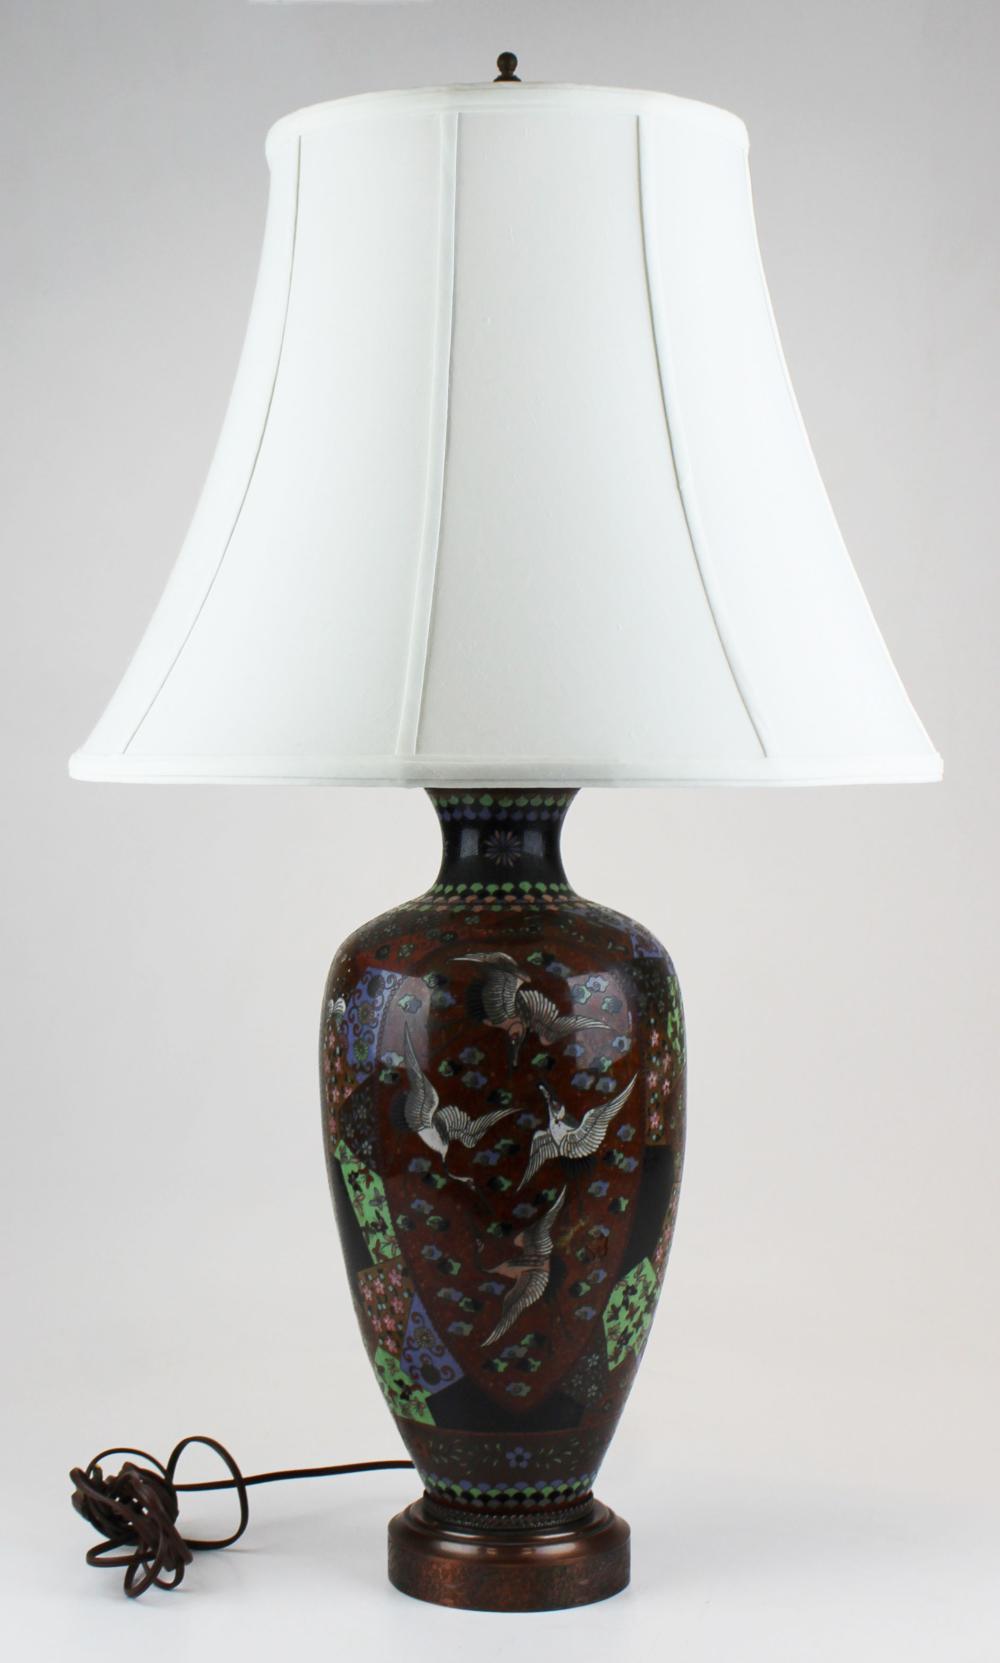 large 20th c cloisonne vase table lamp